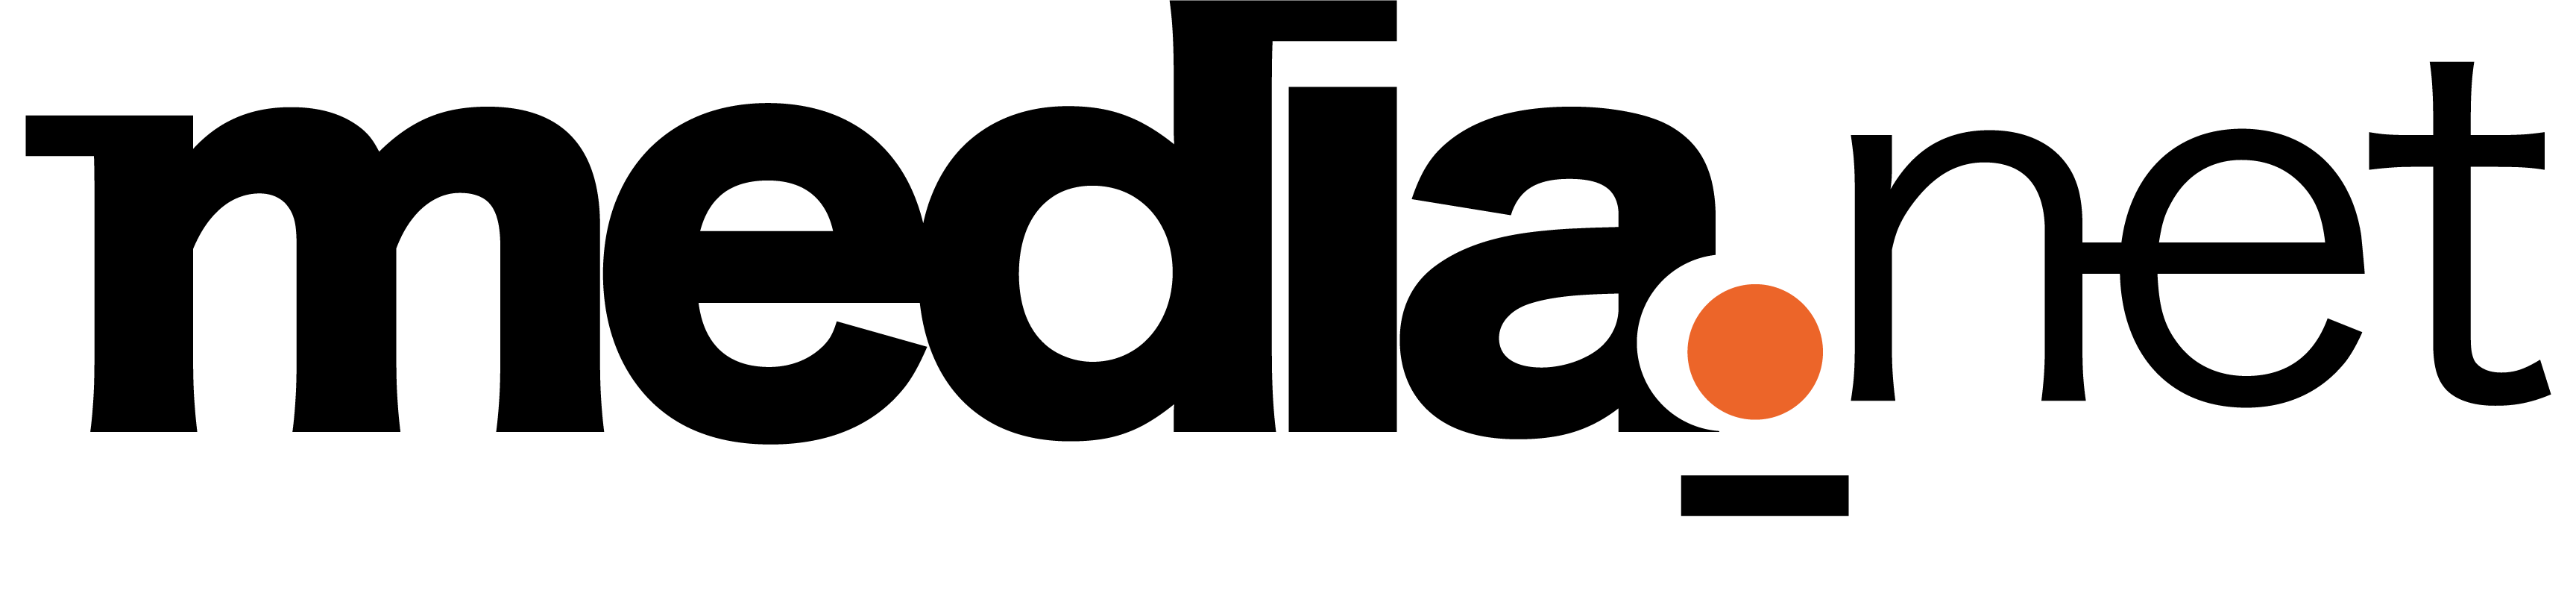 Medianet ads logo